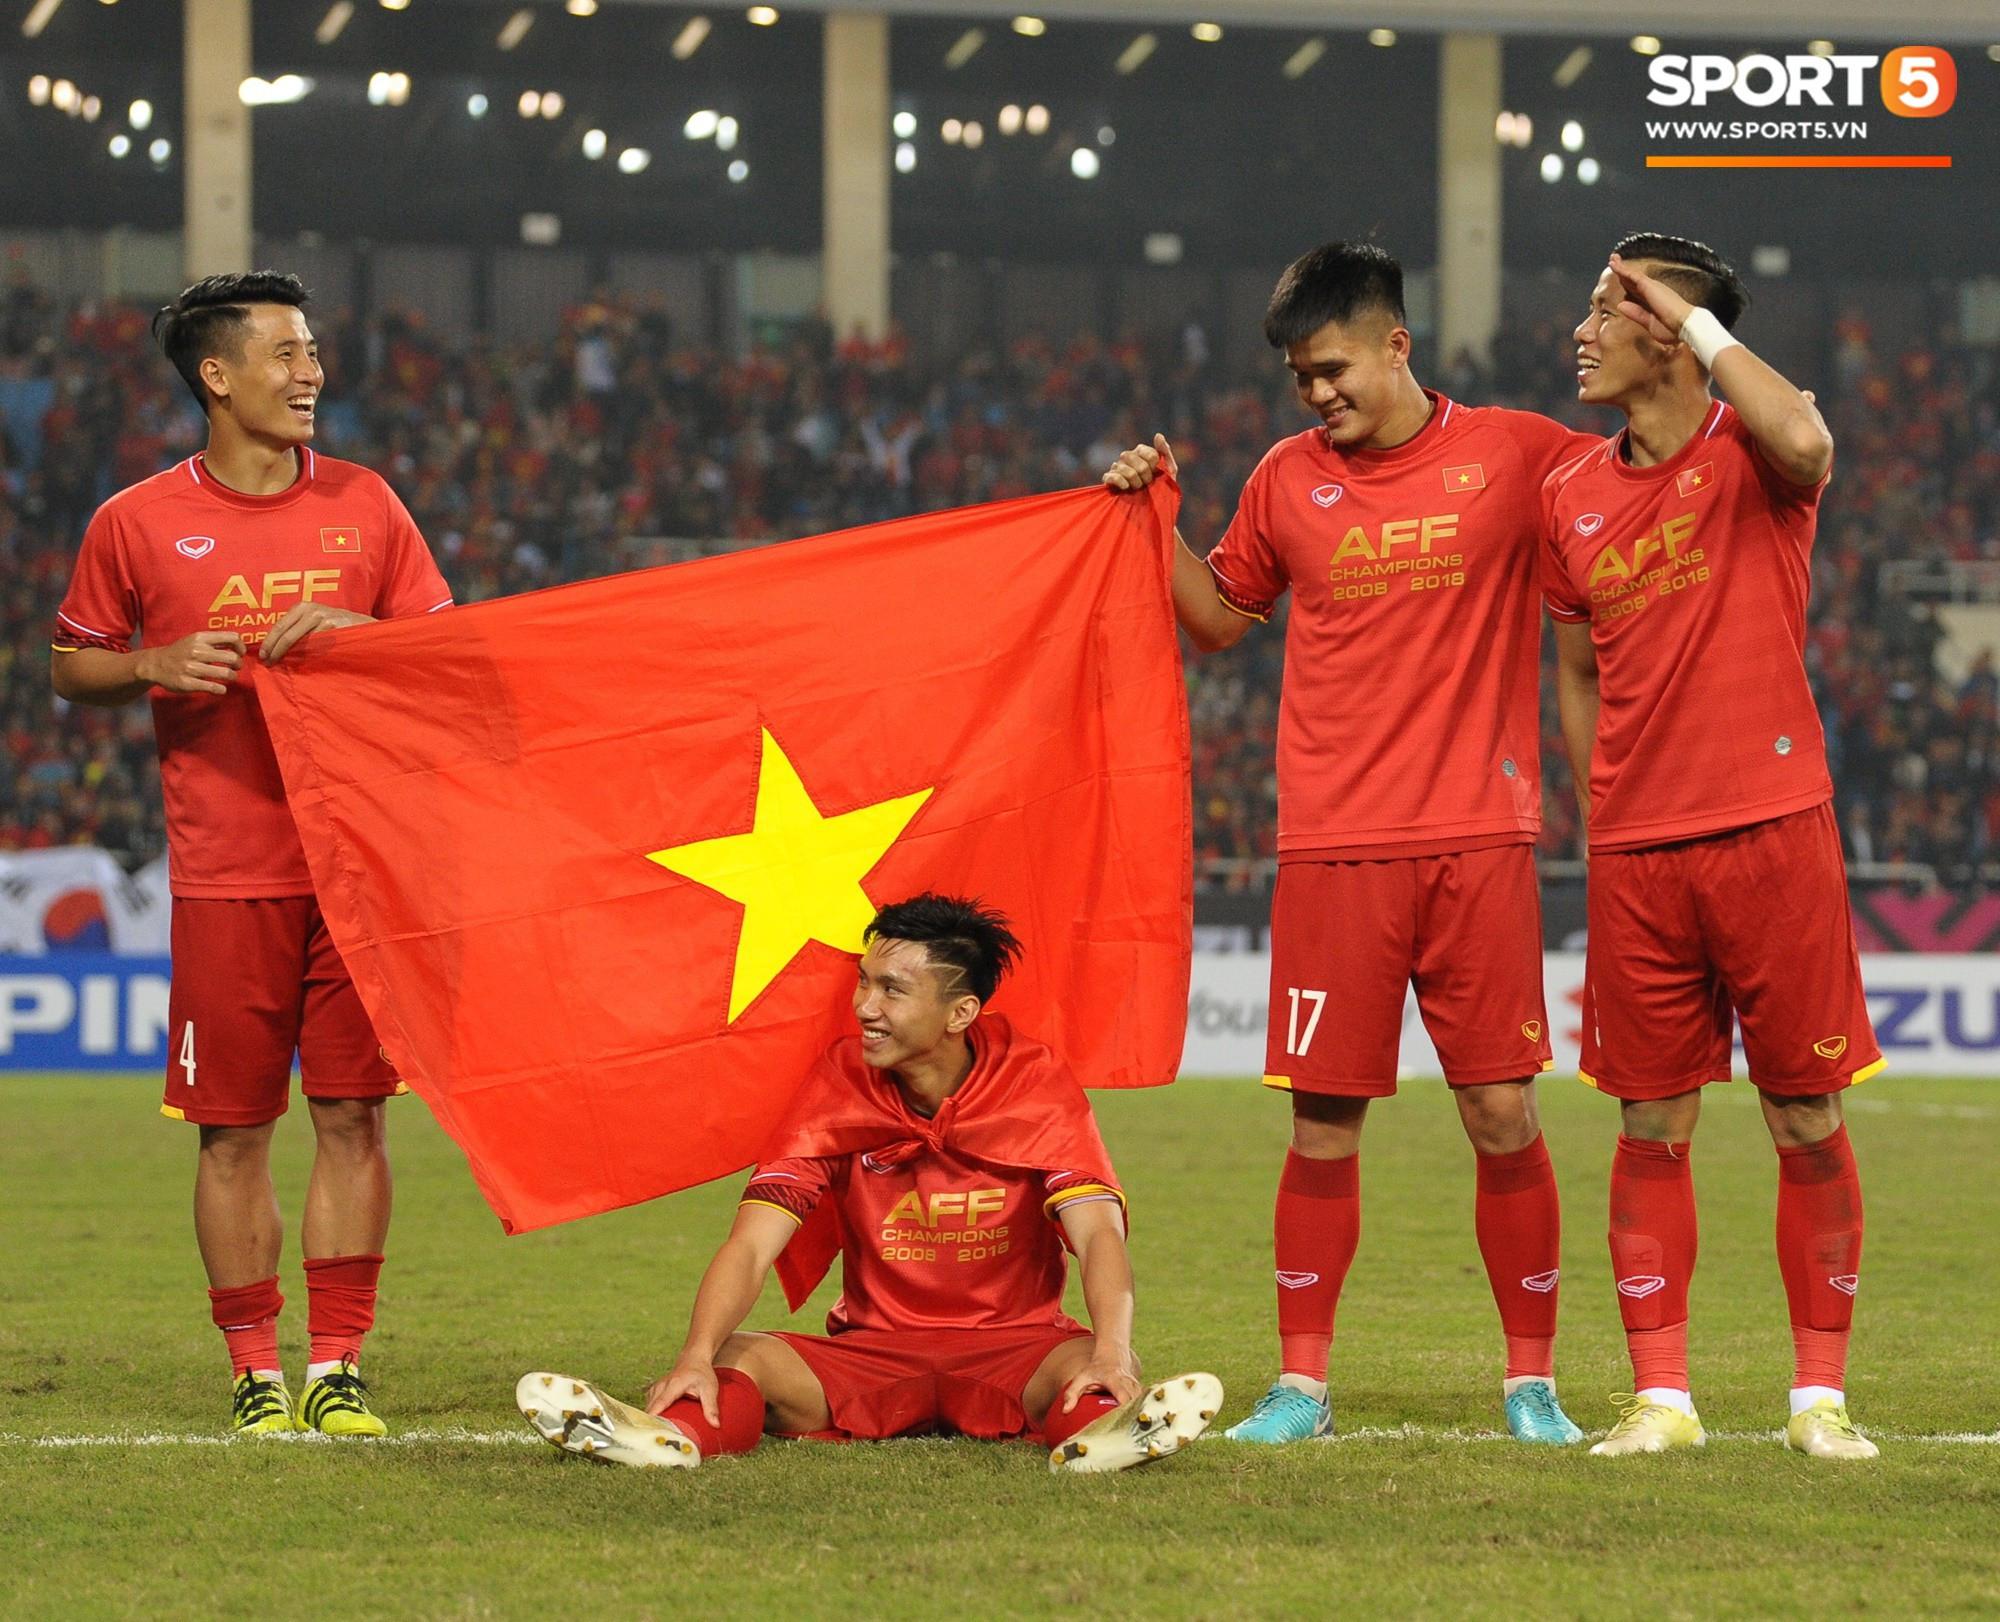 Bố mẹ Đoàn Văn Hậu không kìm nổi nước mắt khi tiễn con trai sang châu Âu thi đấu  1